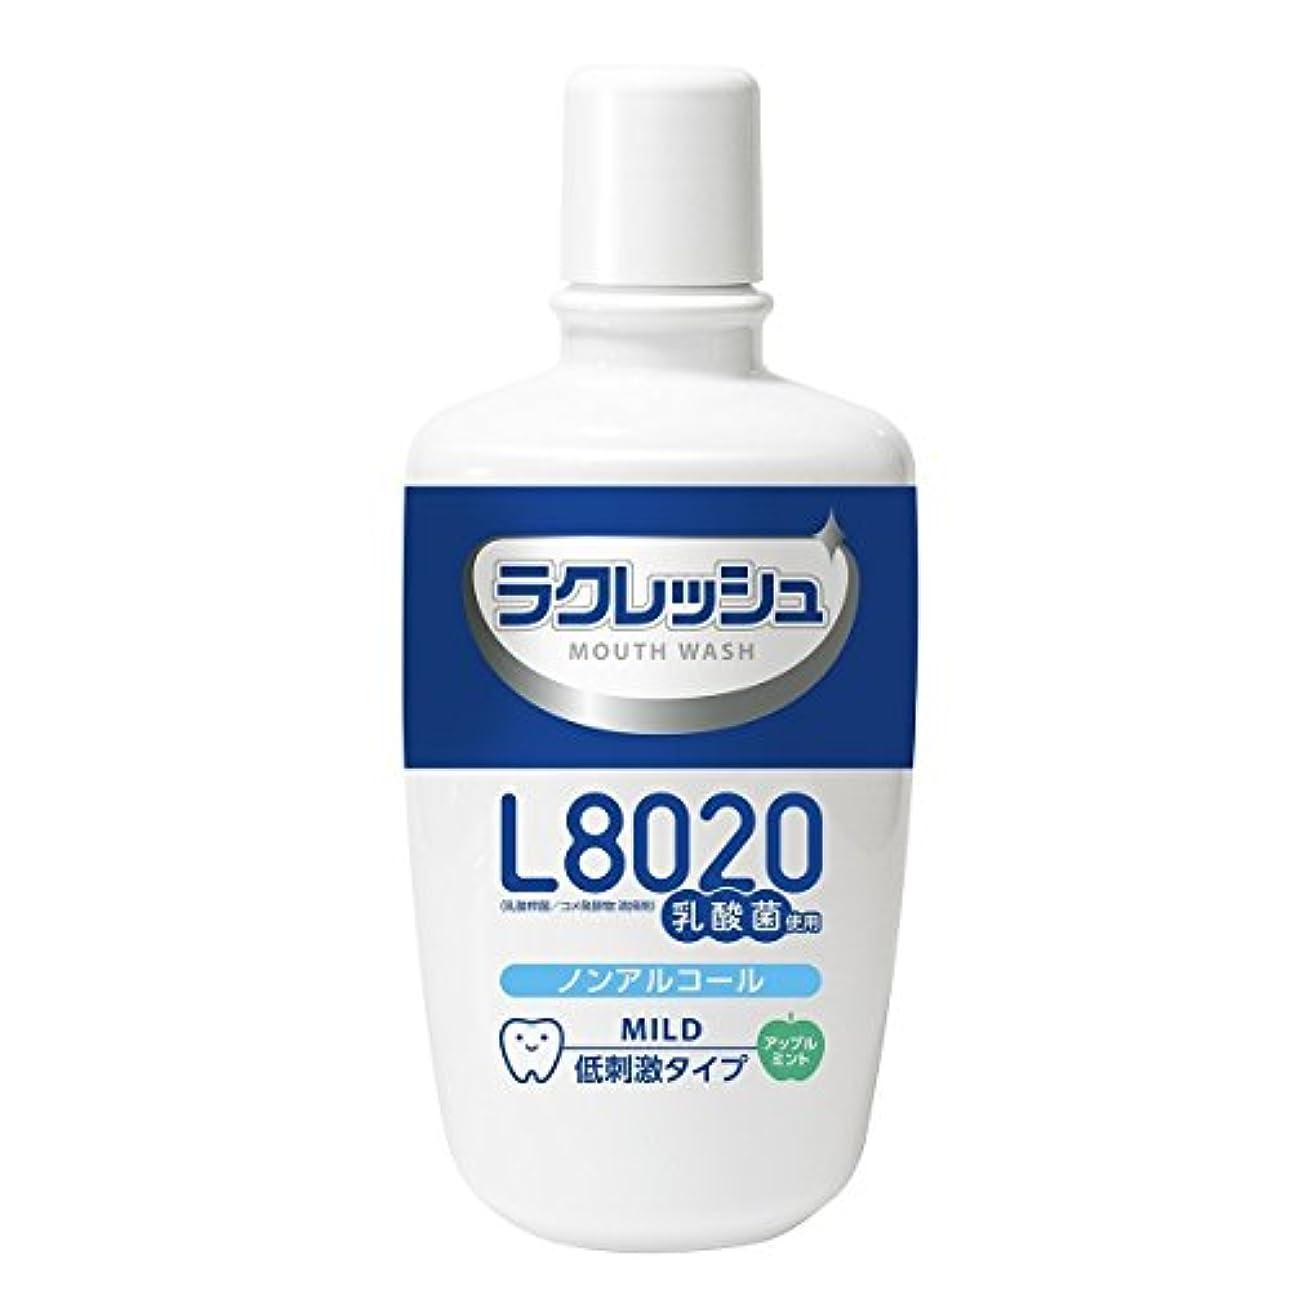 アルプス不毛仕方ラクレッシュ L8020菌使用 マウスウォッシュ ノンアルコールタイプ 300mL×15個セット